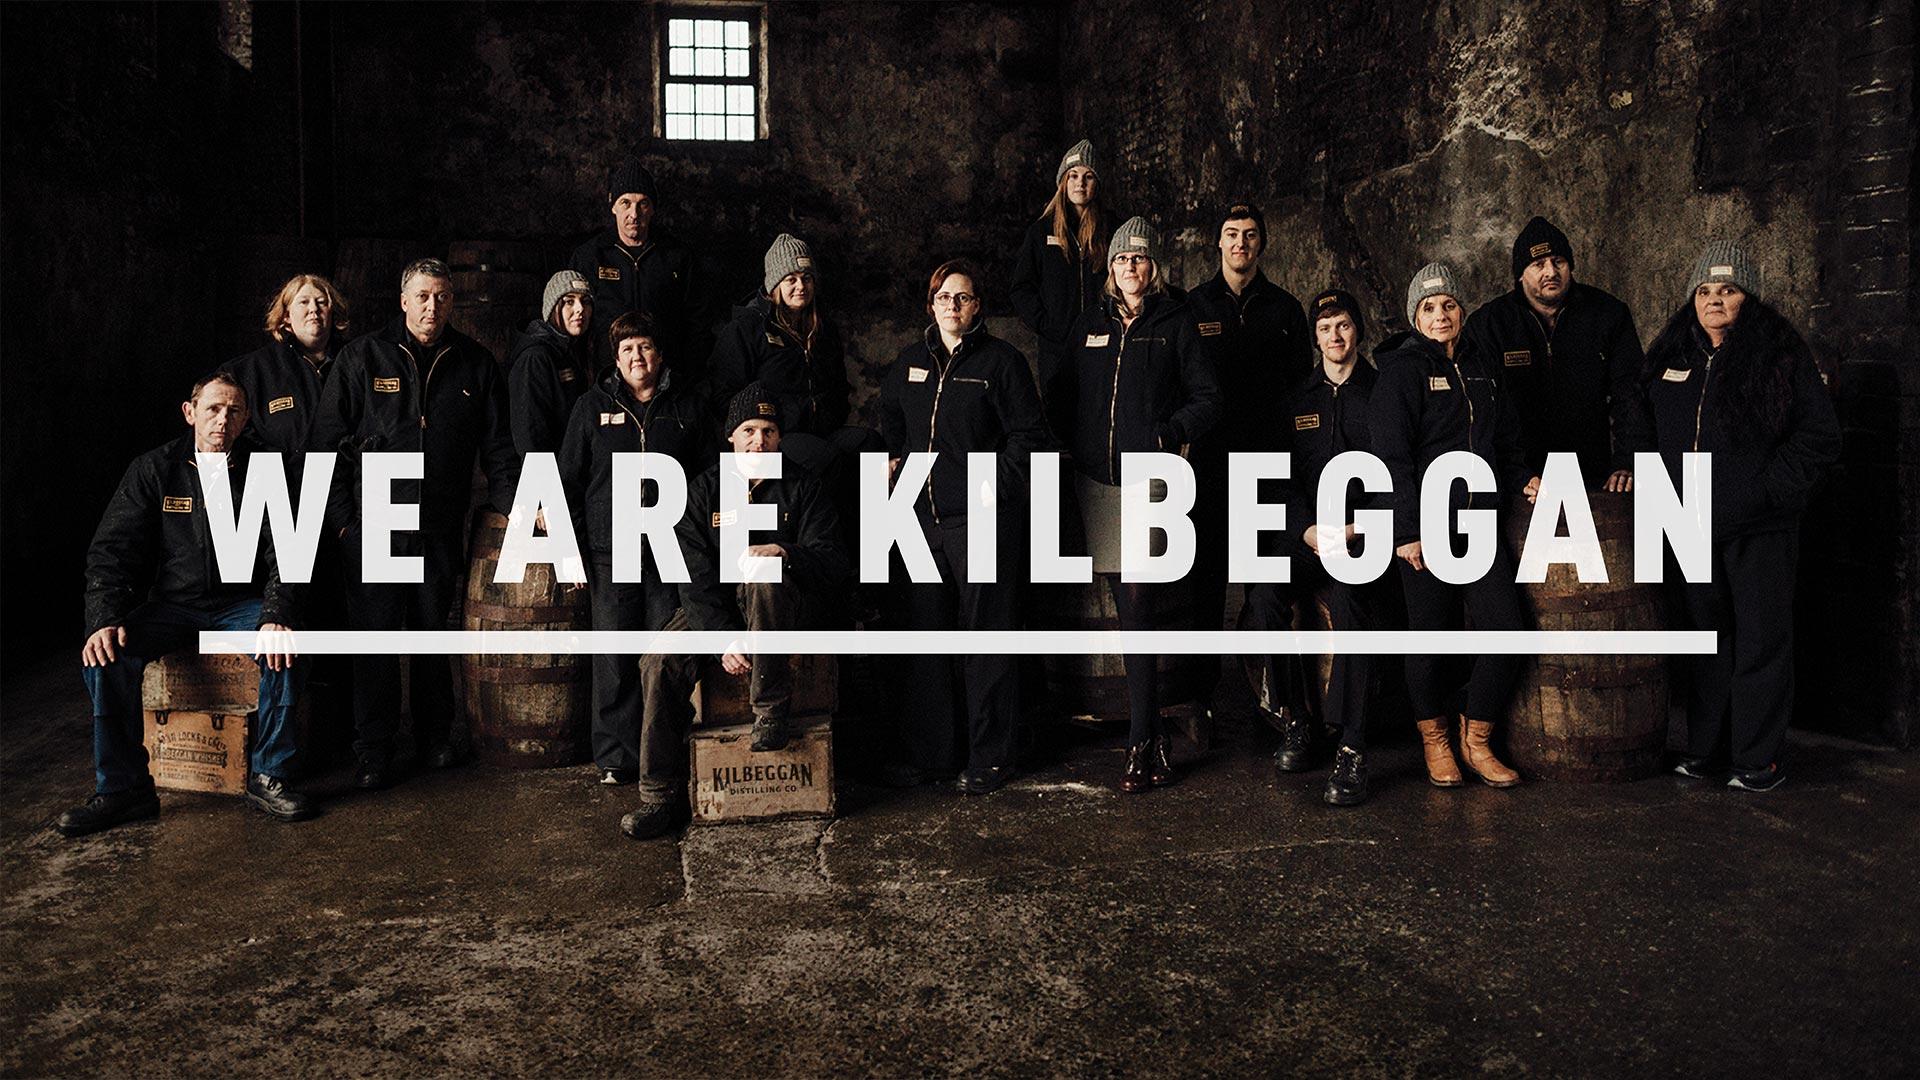 Kilbeggan_Preacher_44.jpg